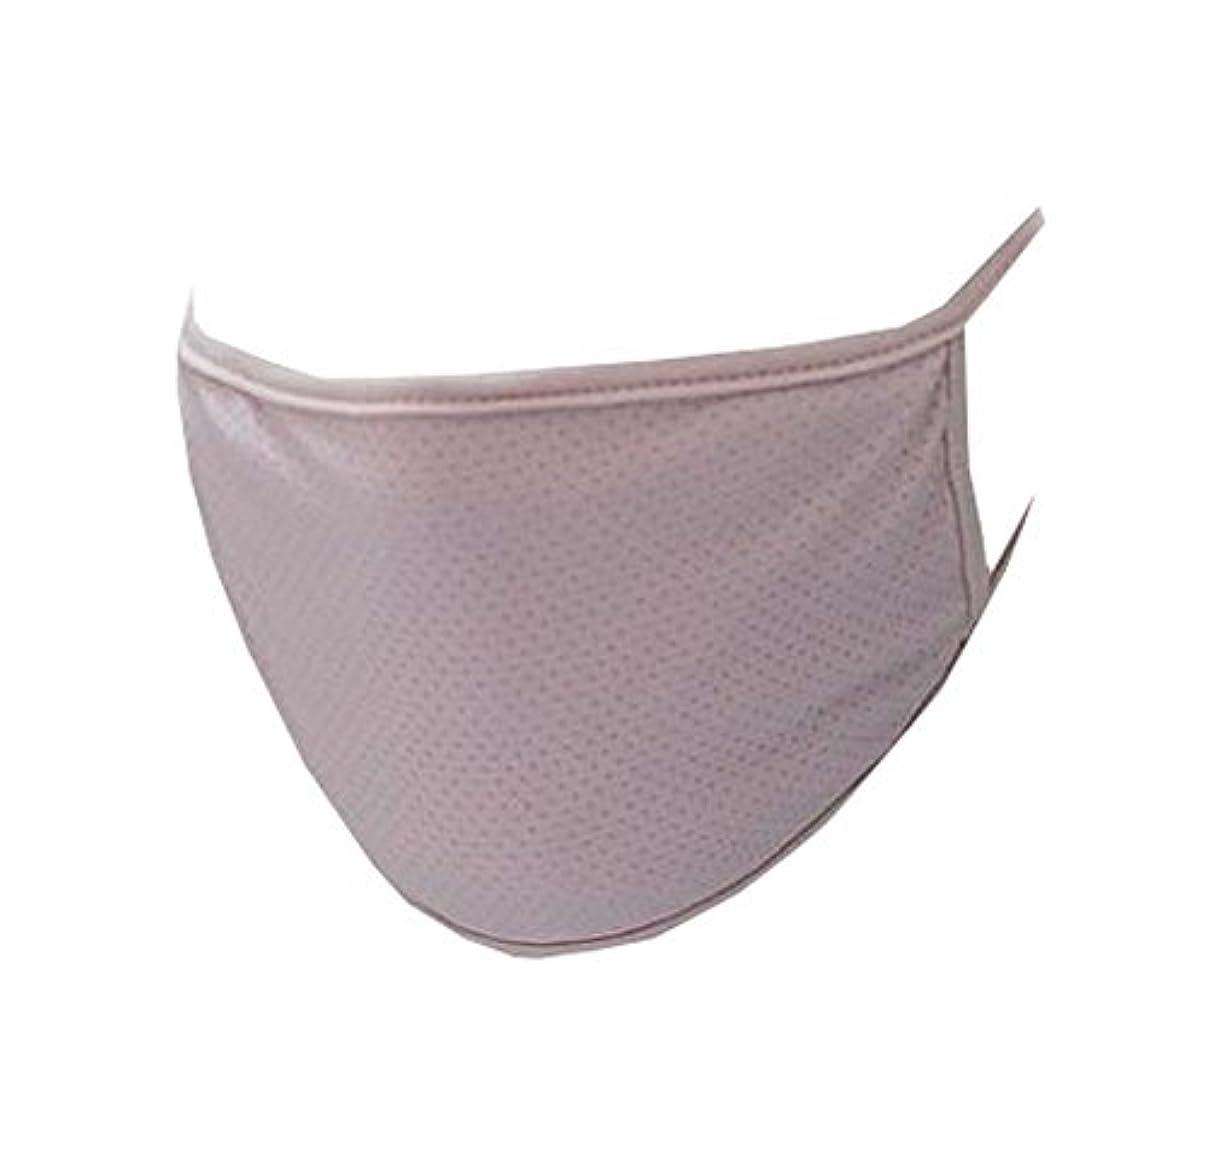 神秘的なホップ絶滅させる口マスク、再使用可能フィルター - 埃、花粉、アレルゲン、抗UV、およびインフルエンザ菌 - F